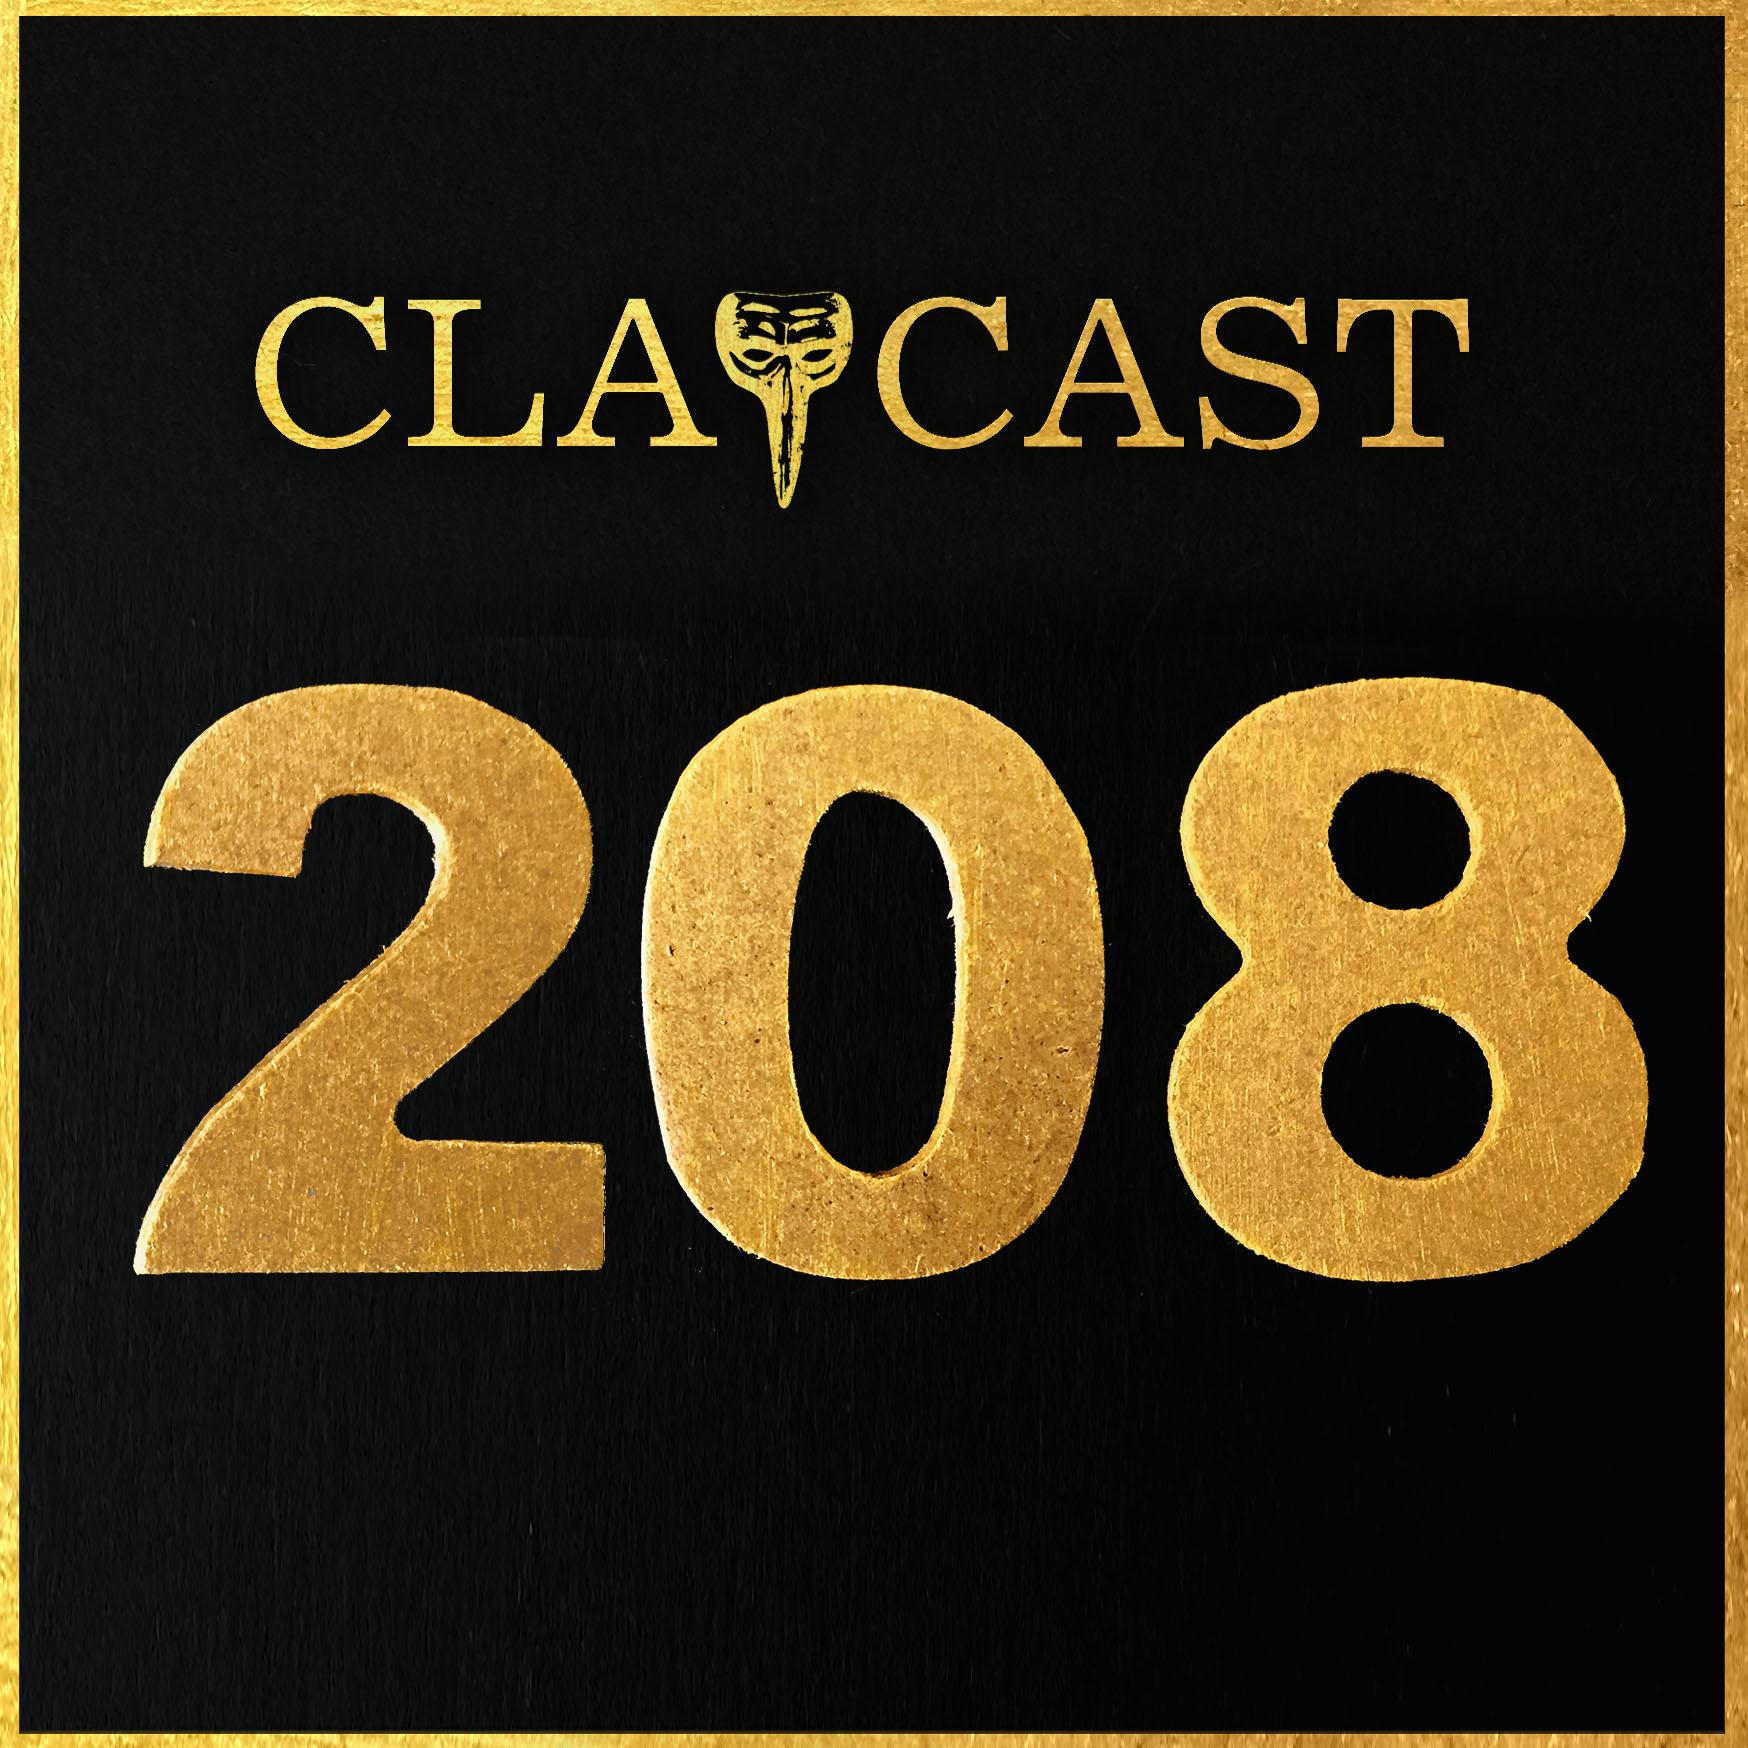 Clapcast 208